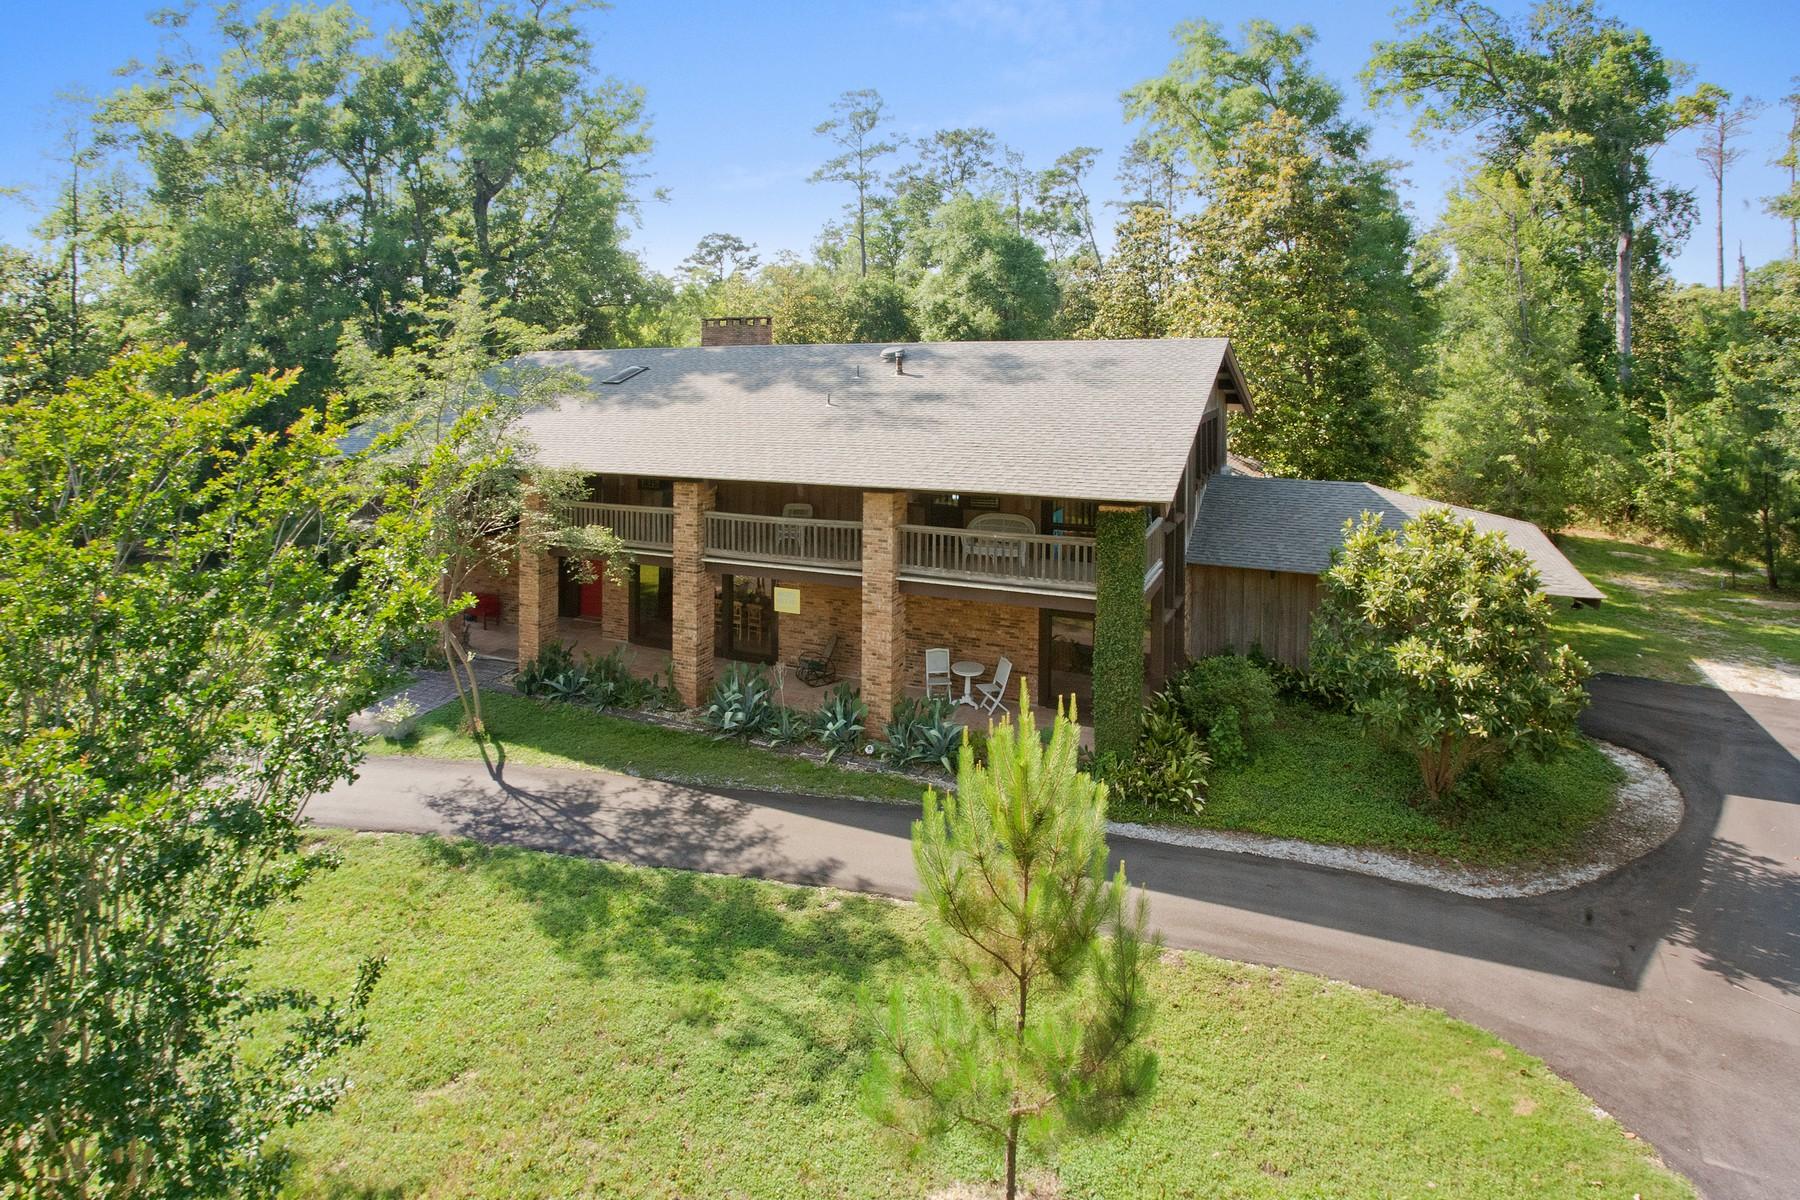 Villa per Vendita alle ore 71607 Riverside Drive Covington, Louisiana, 70433 Stati Uniti